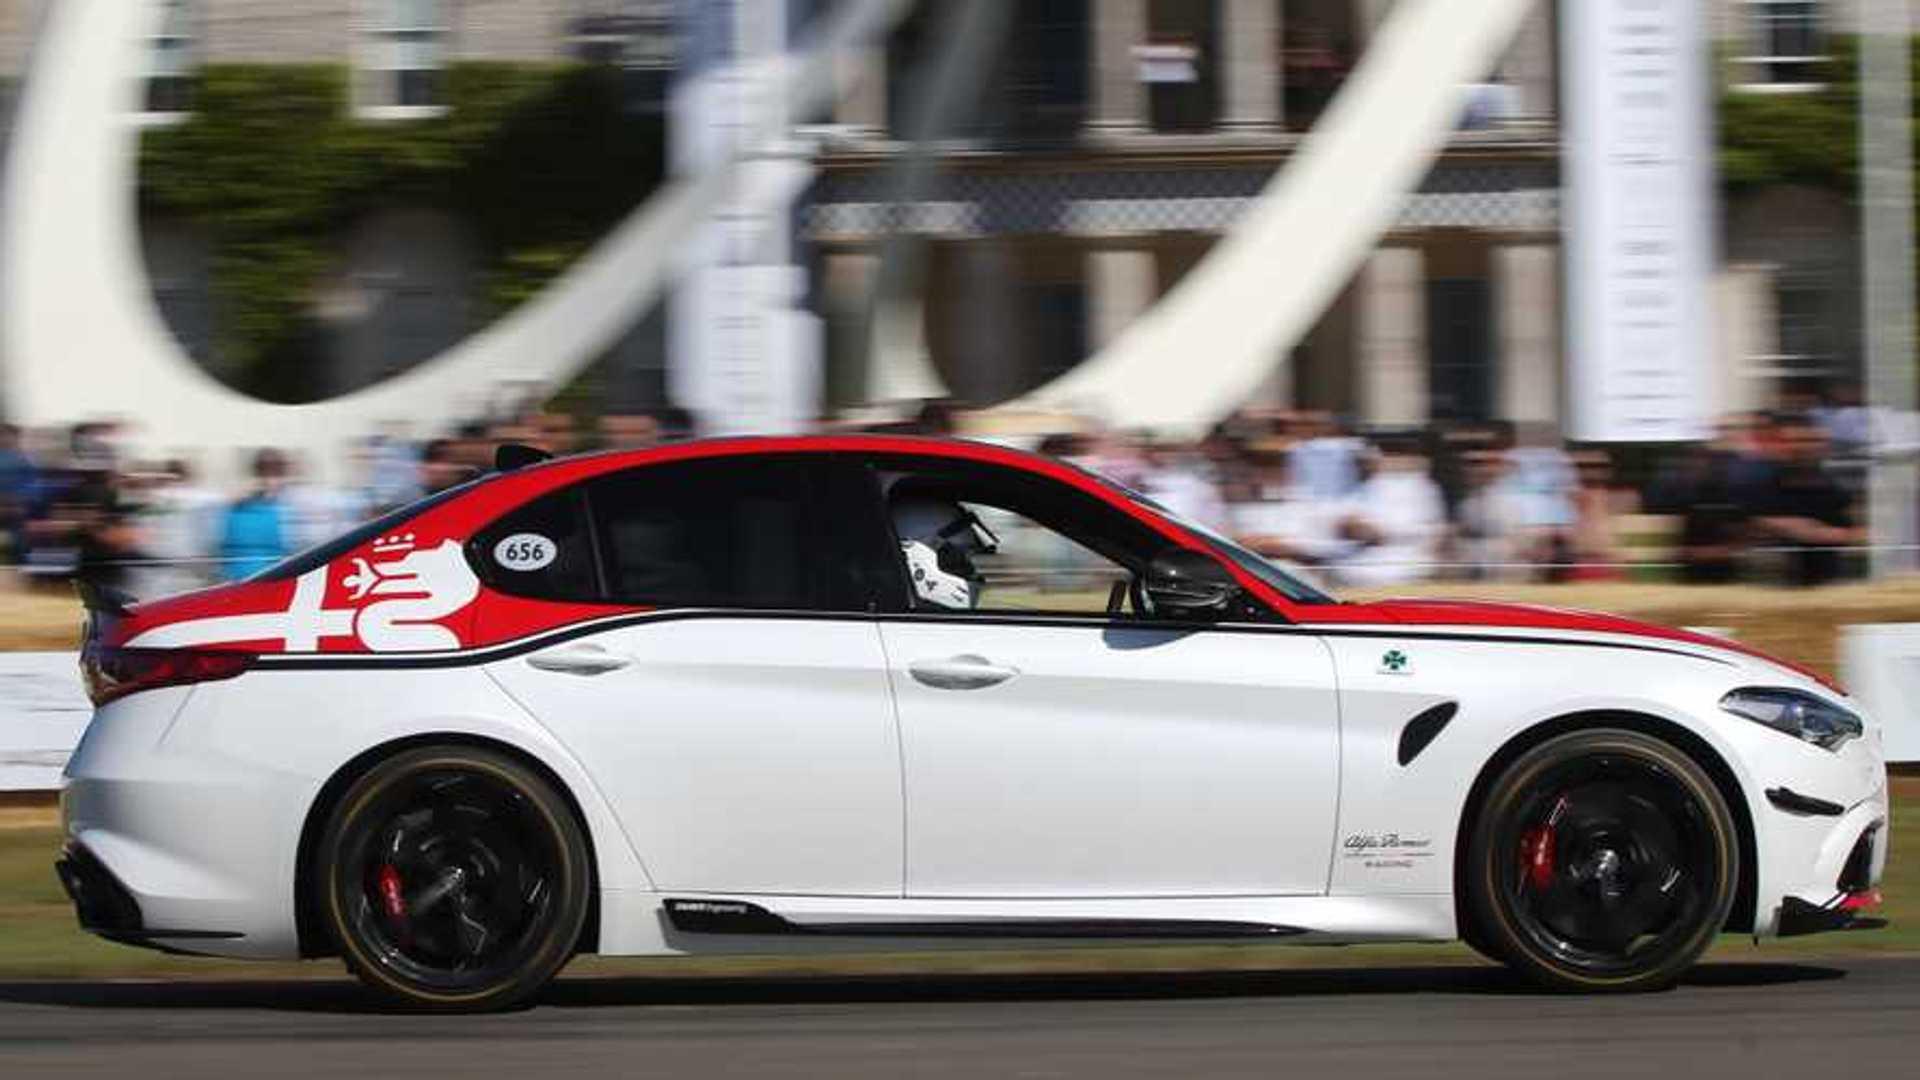 F1 Inspired Alfa Romeo Racing Models Arrive At Goodwood